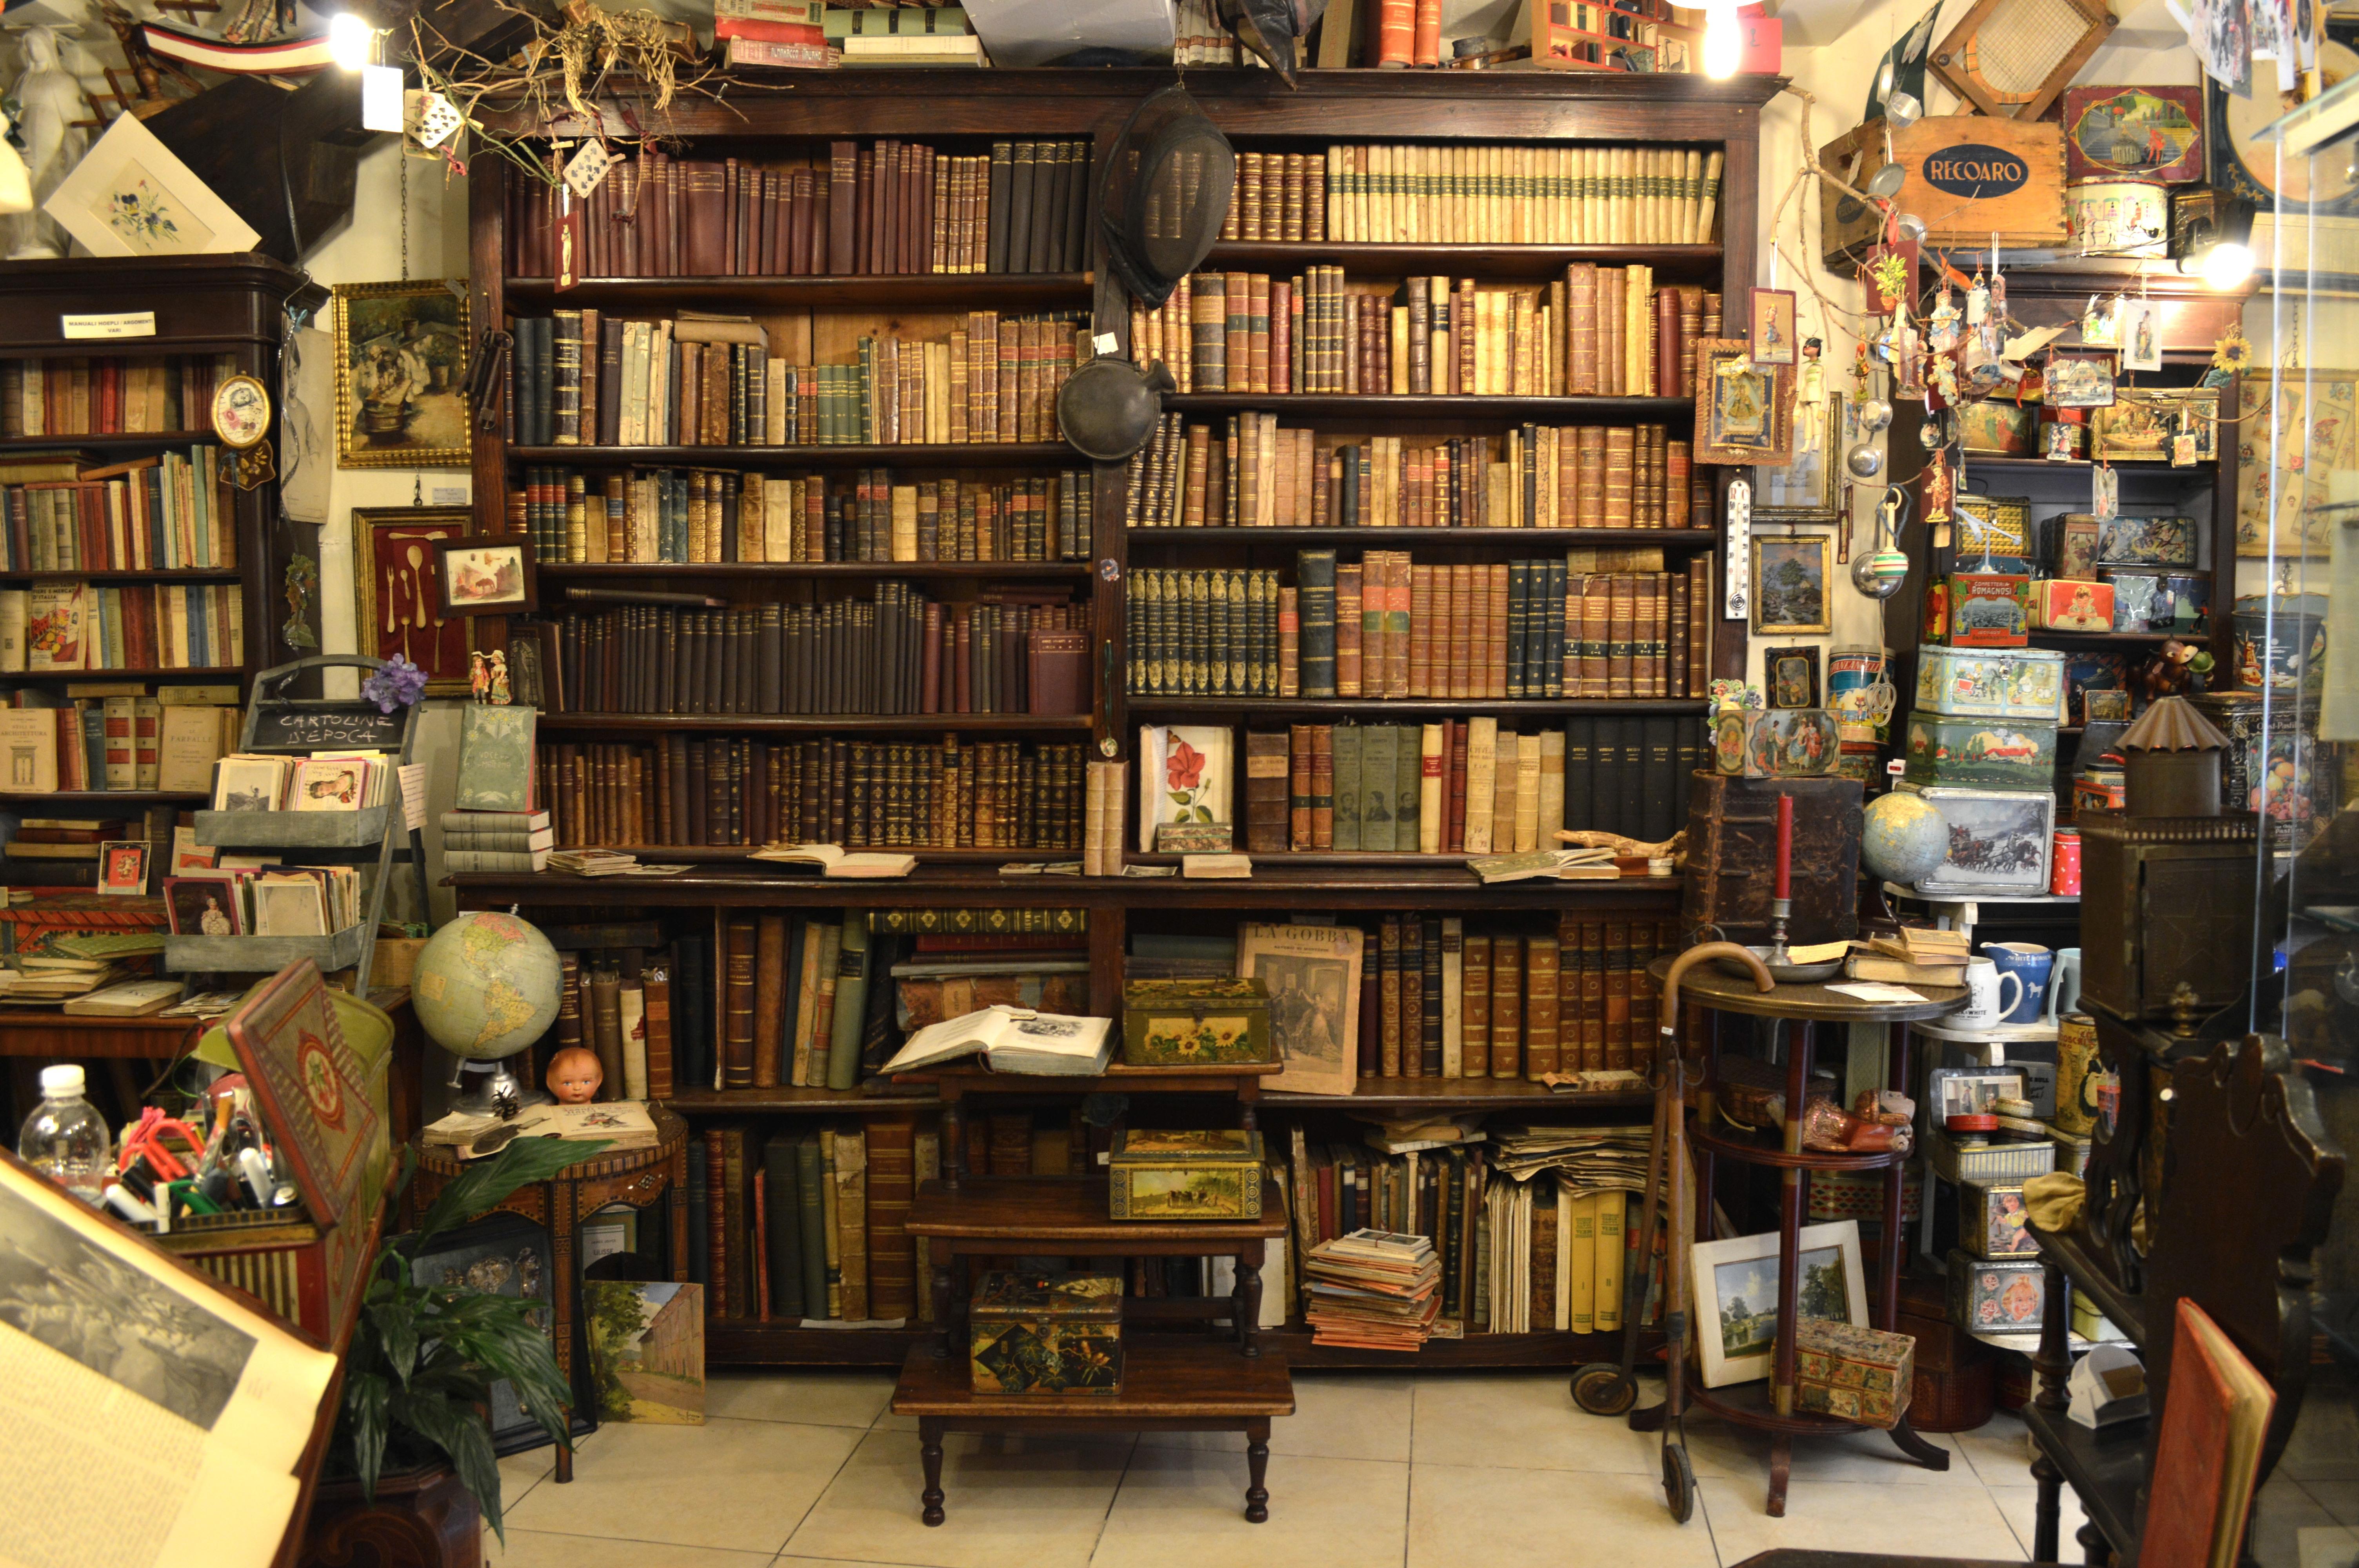 Le pi belle e particolari librerie da visitare a londra for Foto di case antiche